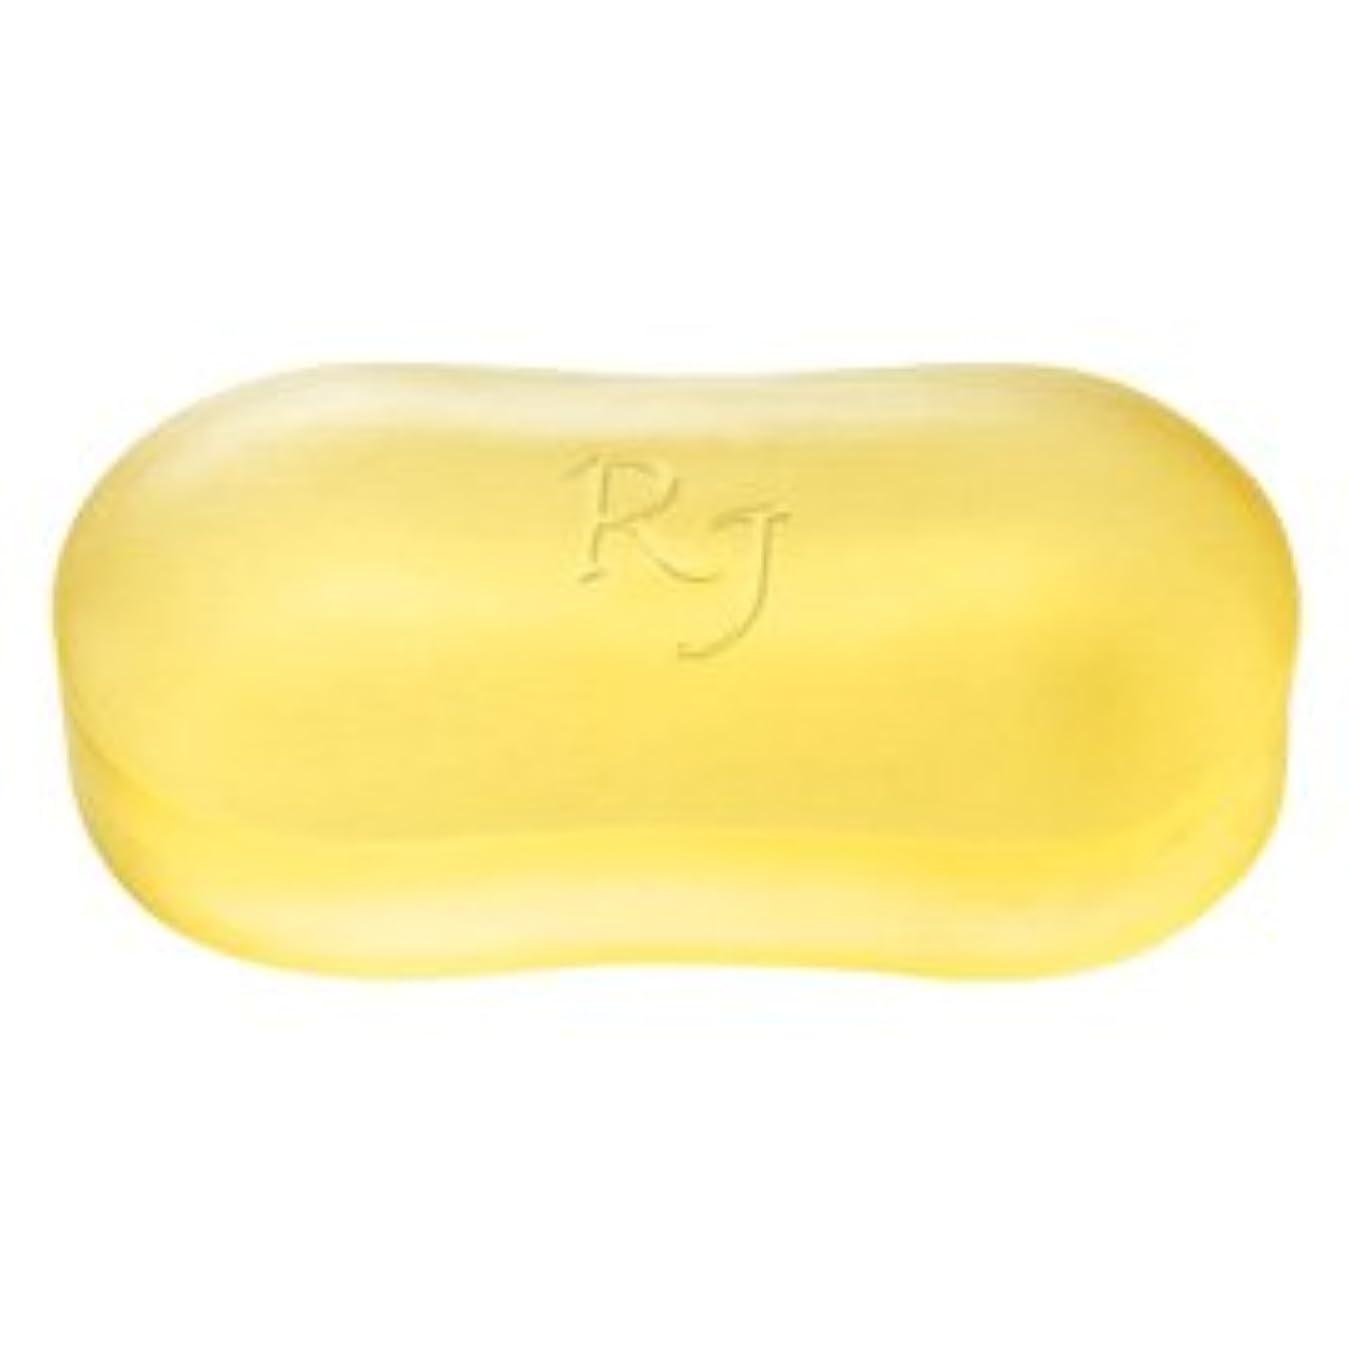 また不良マディソンRJスキンケアソープ(洗顔石鹸) 120g/ RJ Skin Care Soap <120g>